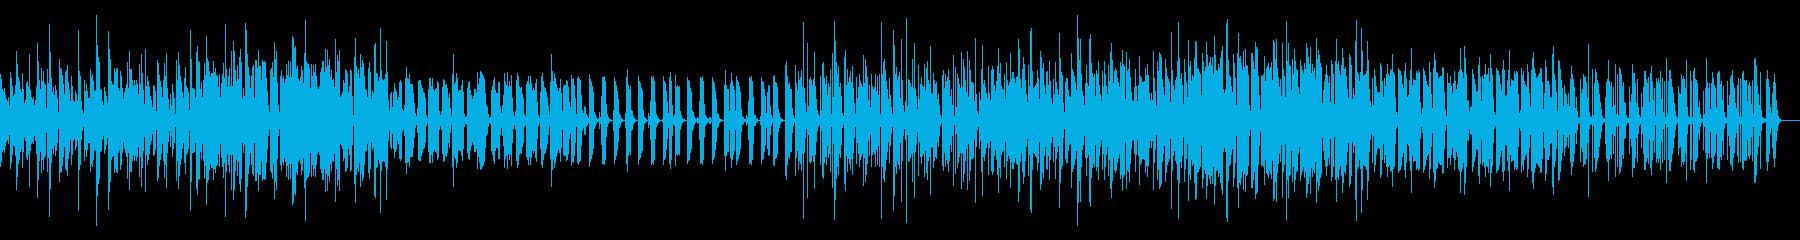 KANTちんどん屋風和風BGMの再生済みの波形